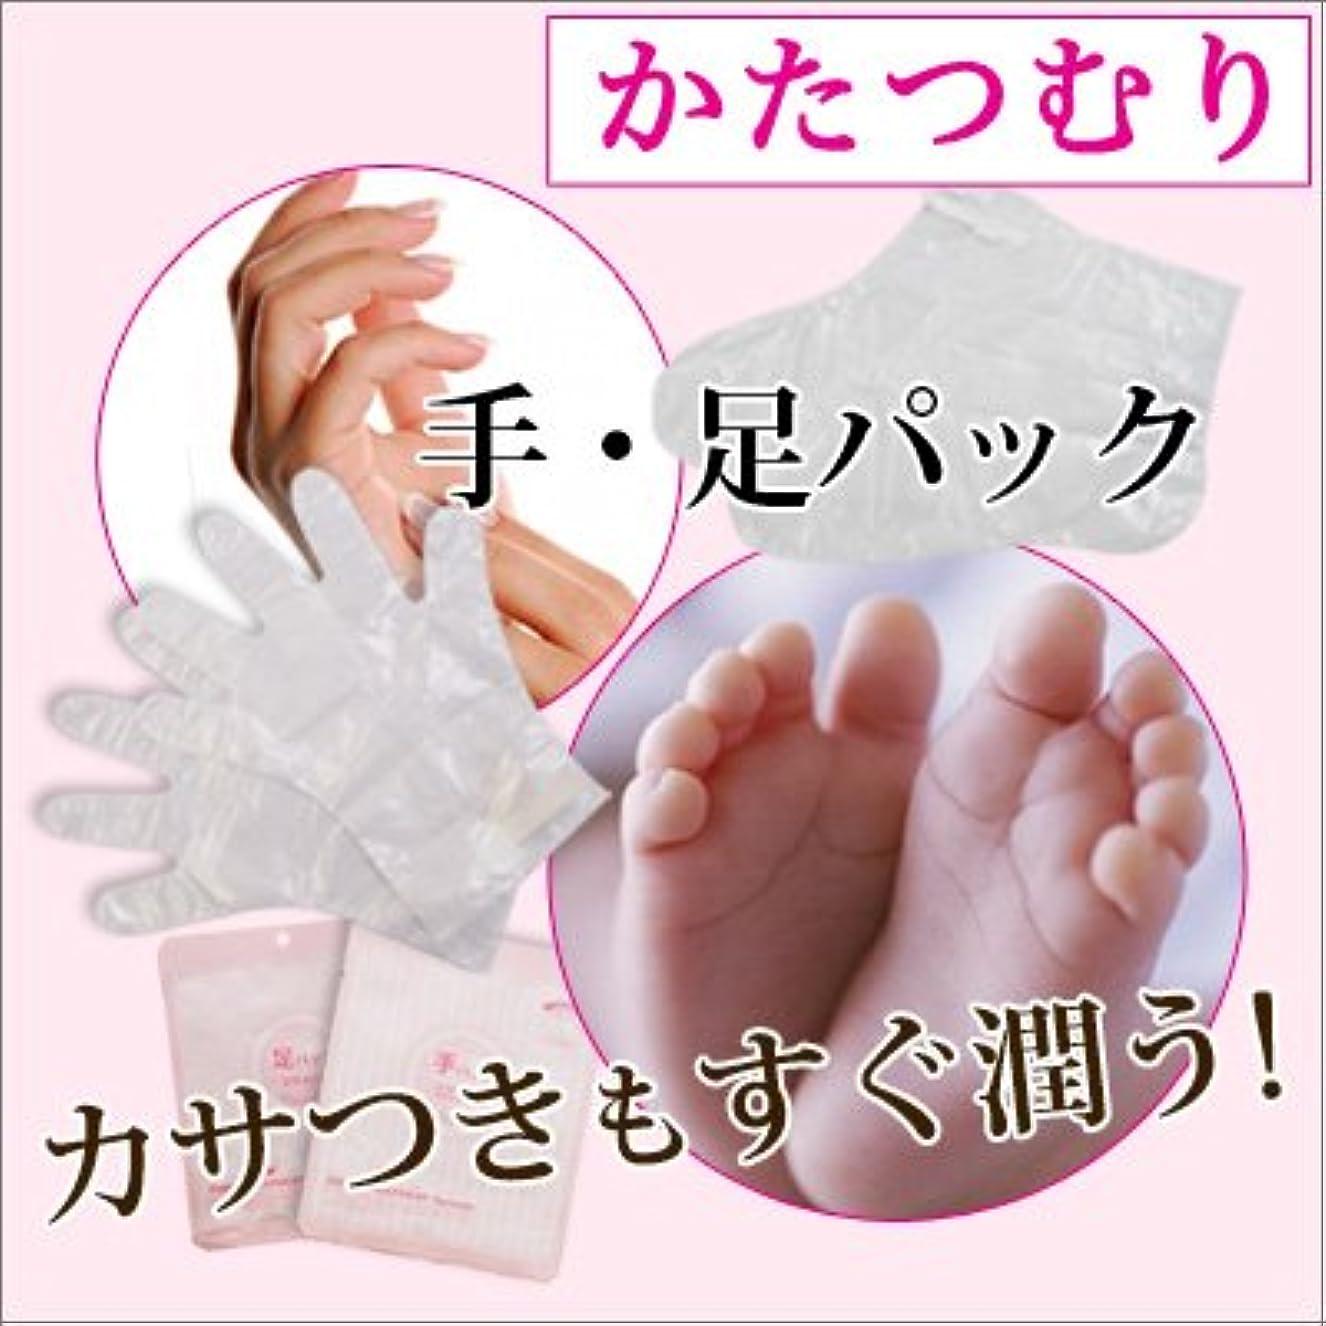 うぬぼれレタッチ前進【かたつむり モイスト フット&ハンド パック 2種類×5枚】